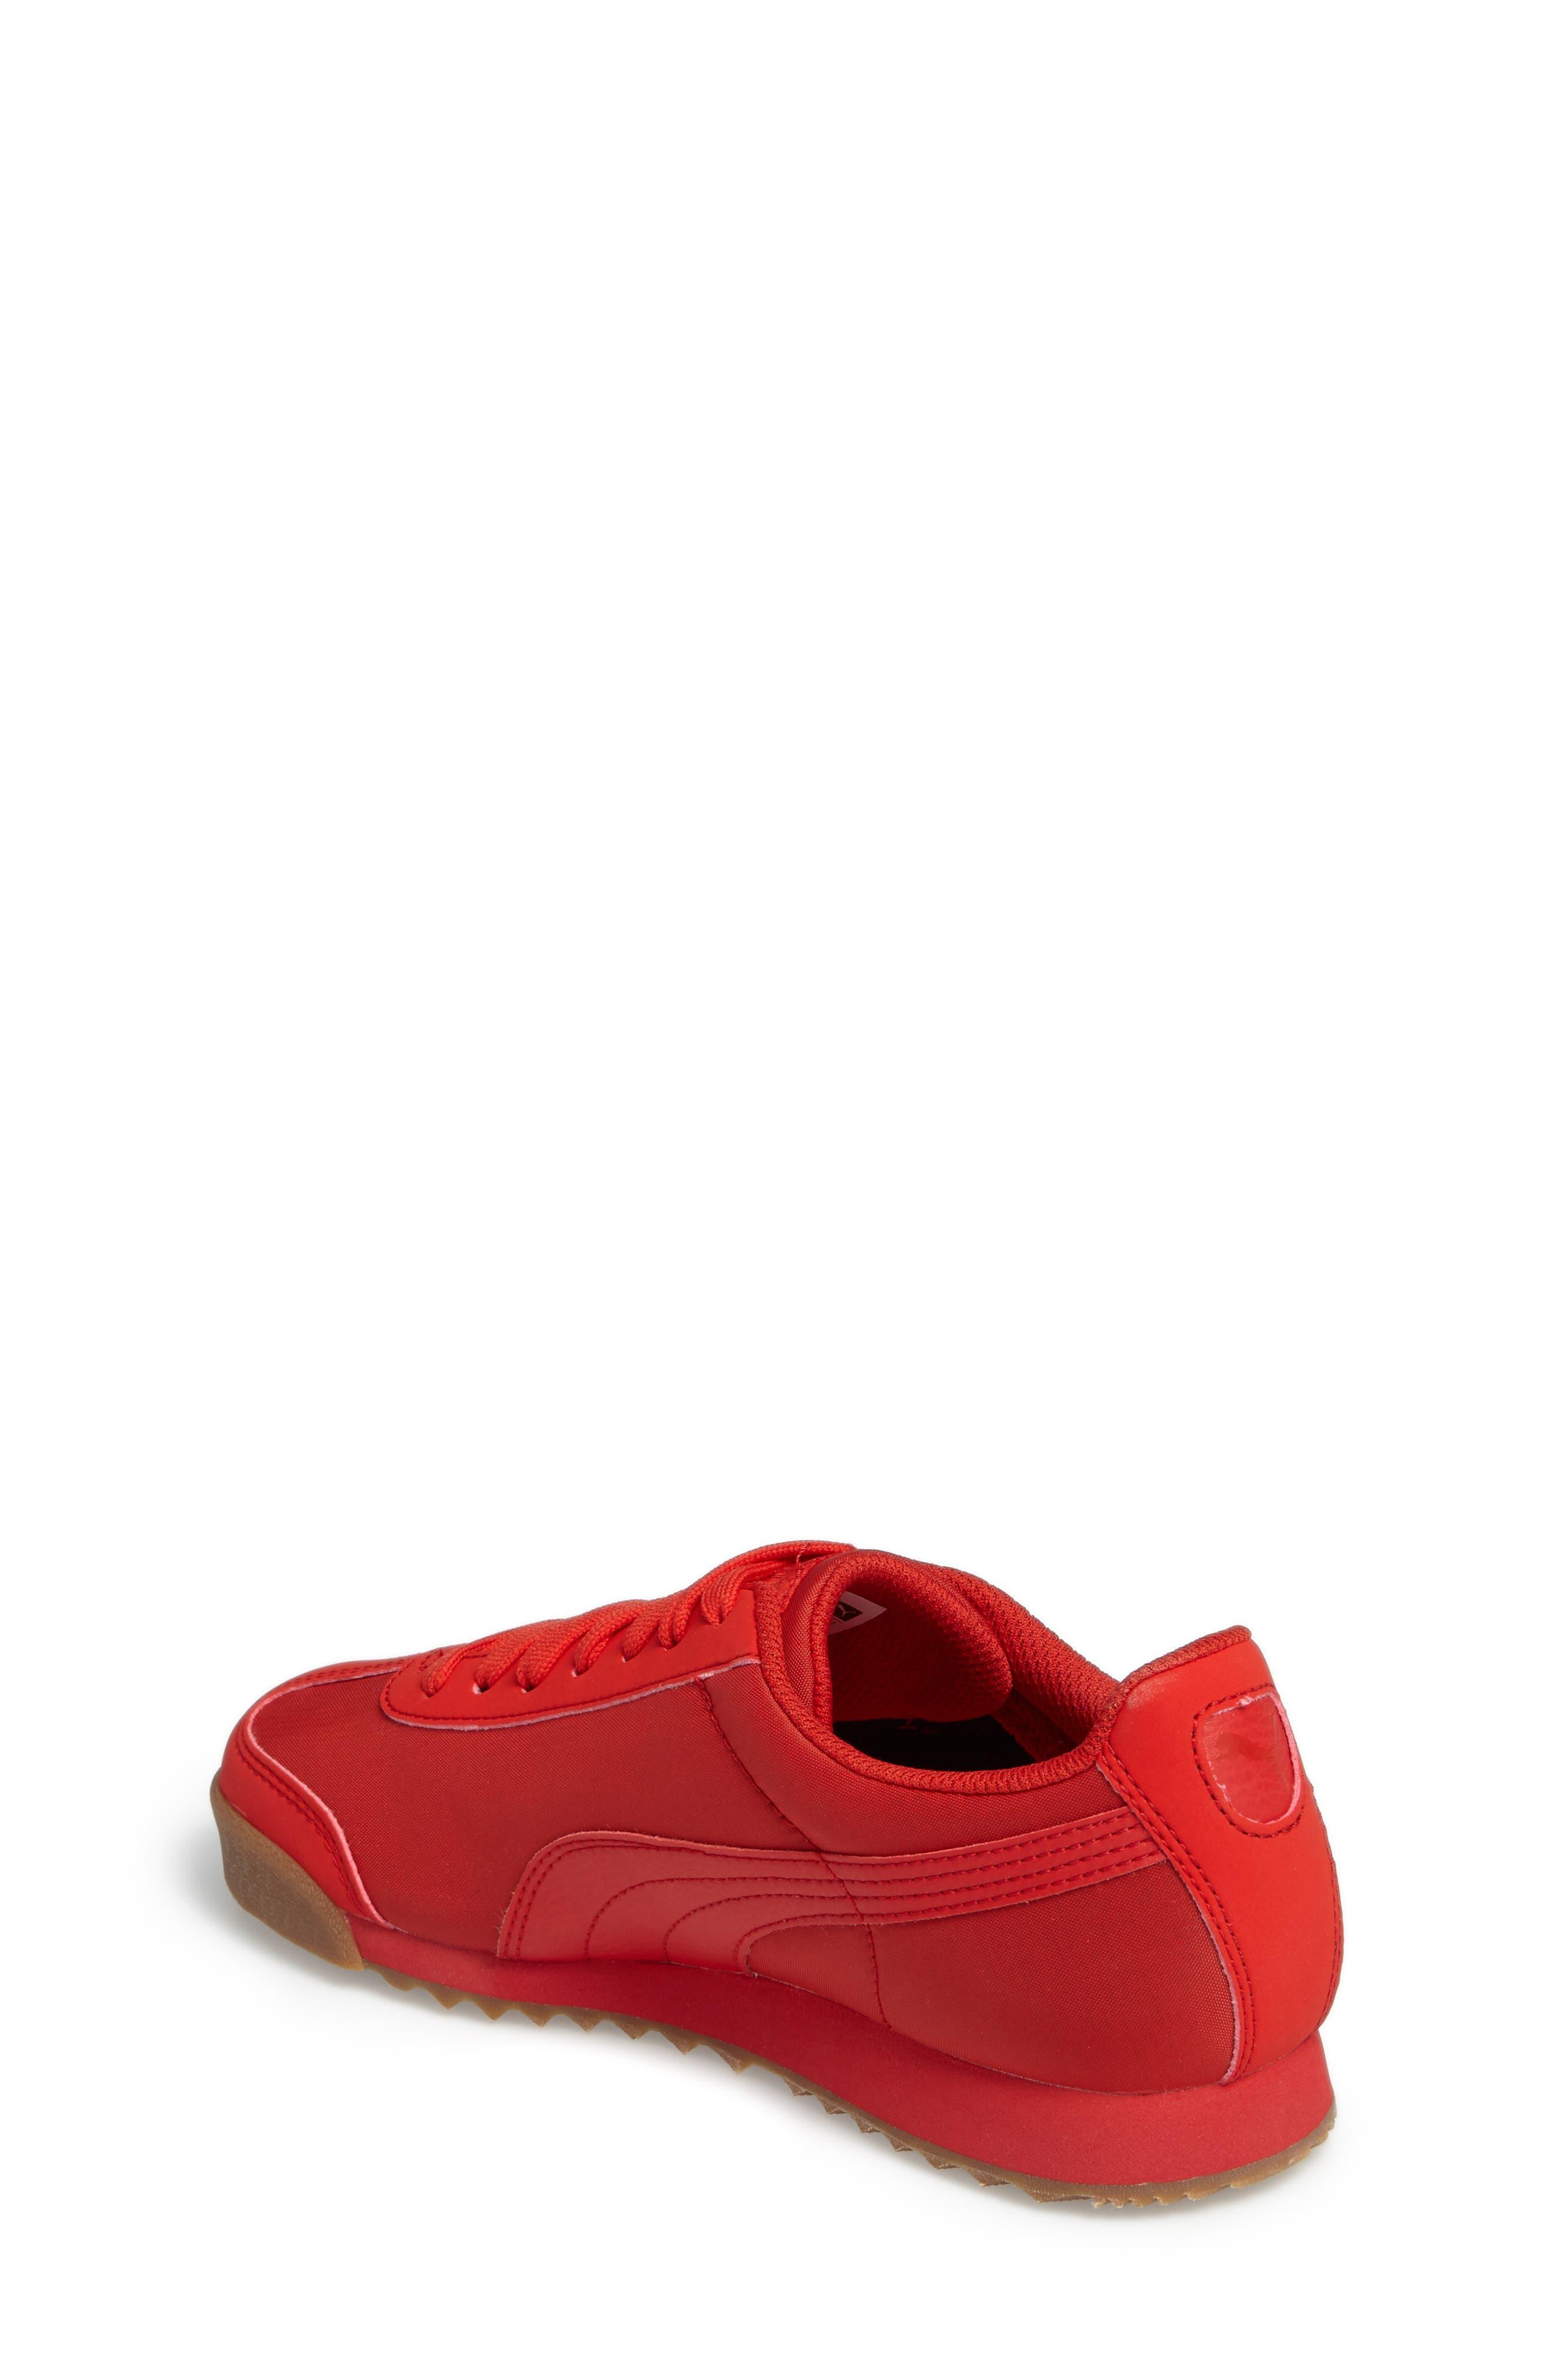 Roma Basic Summer Sneaker,                             Alternate thumbnail 2, color,                             High Risk Red